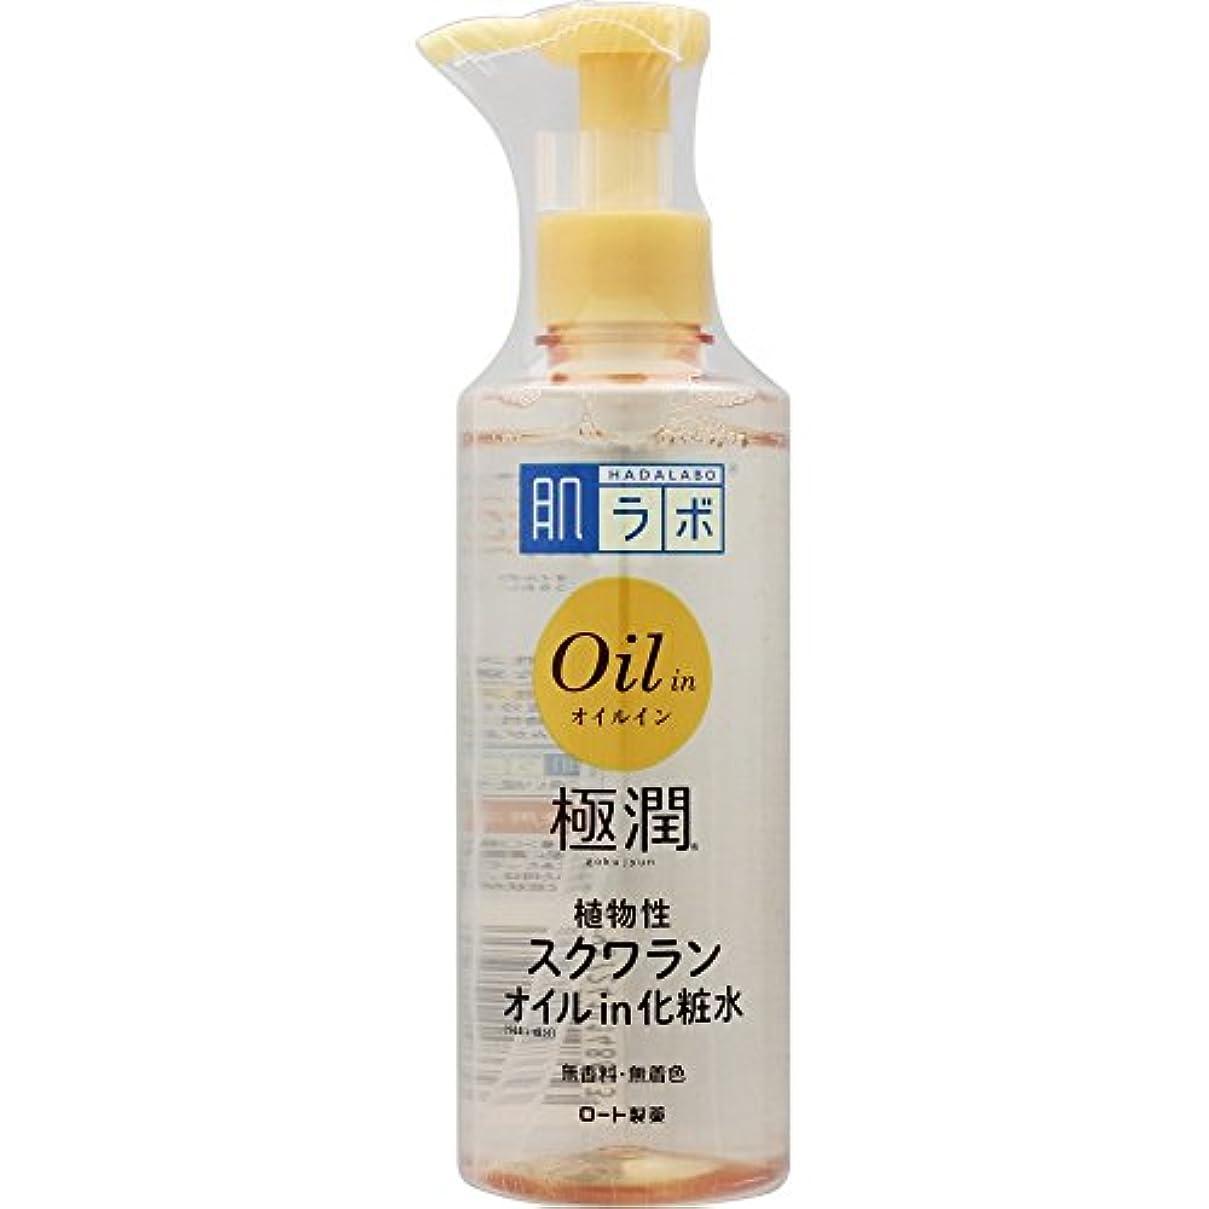 電気の九月晴れ肌ラボ 極潤オイルイン化粧水 植物性スクワランオイル配合 220ml